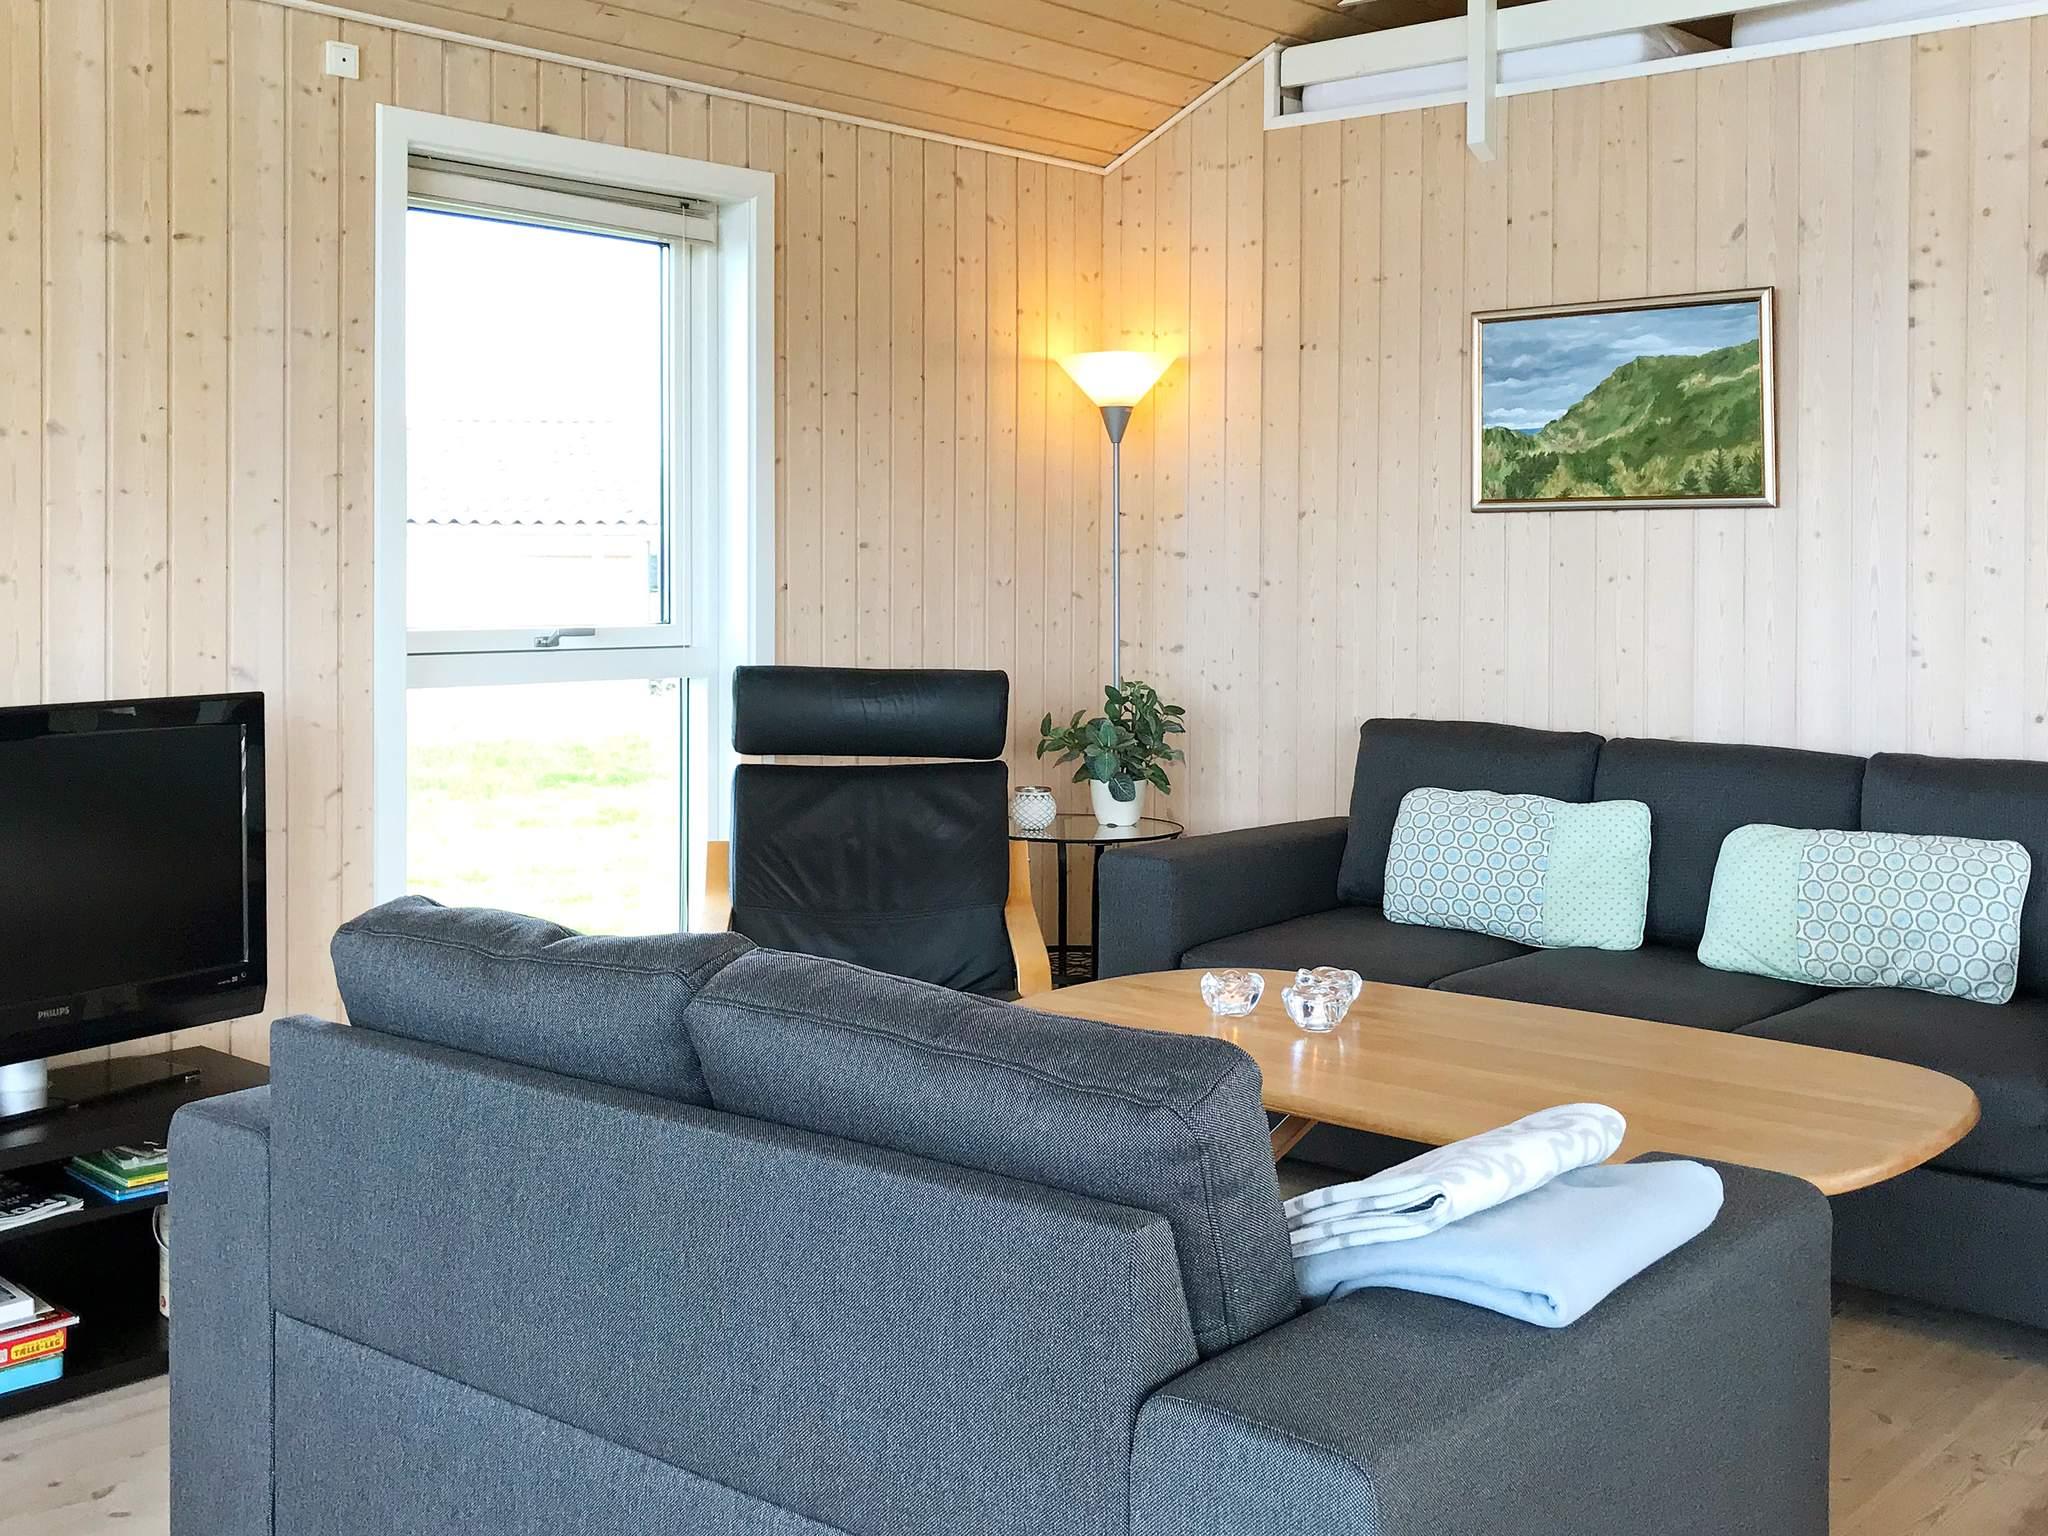 Ferienhaus Bønnerup Strand (601852), Bønnerup, , Ostjütland, Dänemark, Bild 2